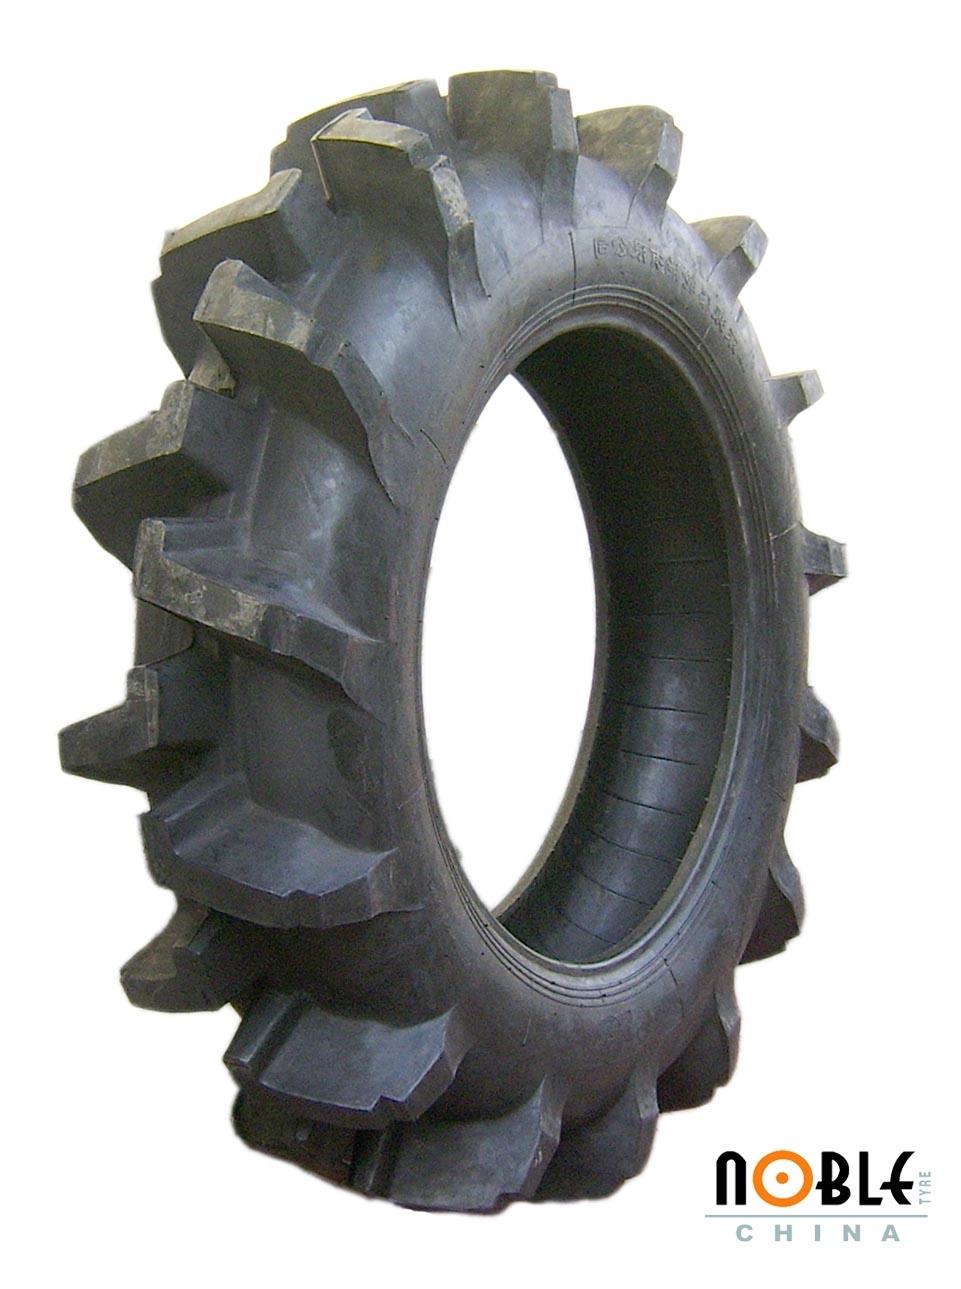 agricole pneus pneus 8 3 24 9 5 24 11 2 24 tracteur id de produit 211505559 french. Black Bedroom Furniture Sets. Home Design Ideas